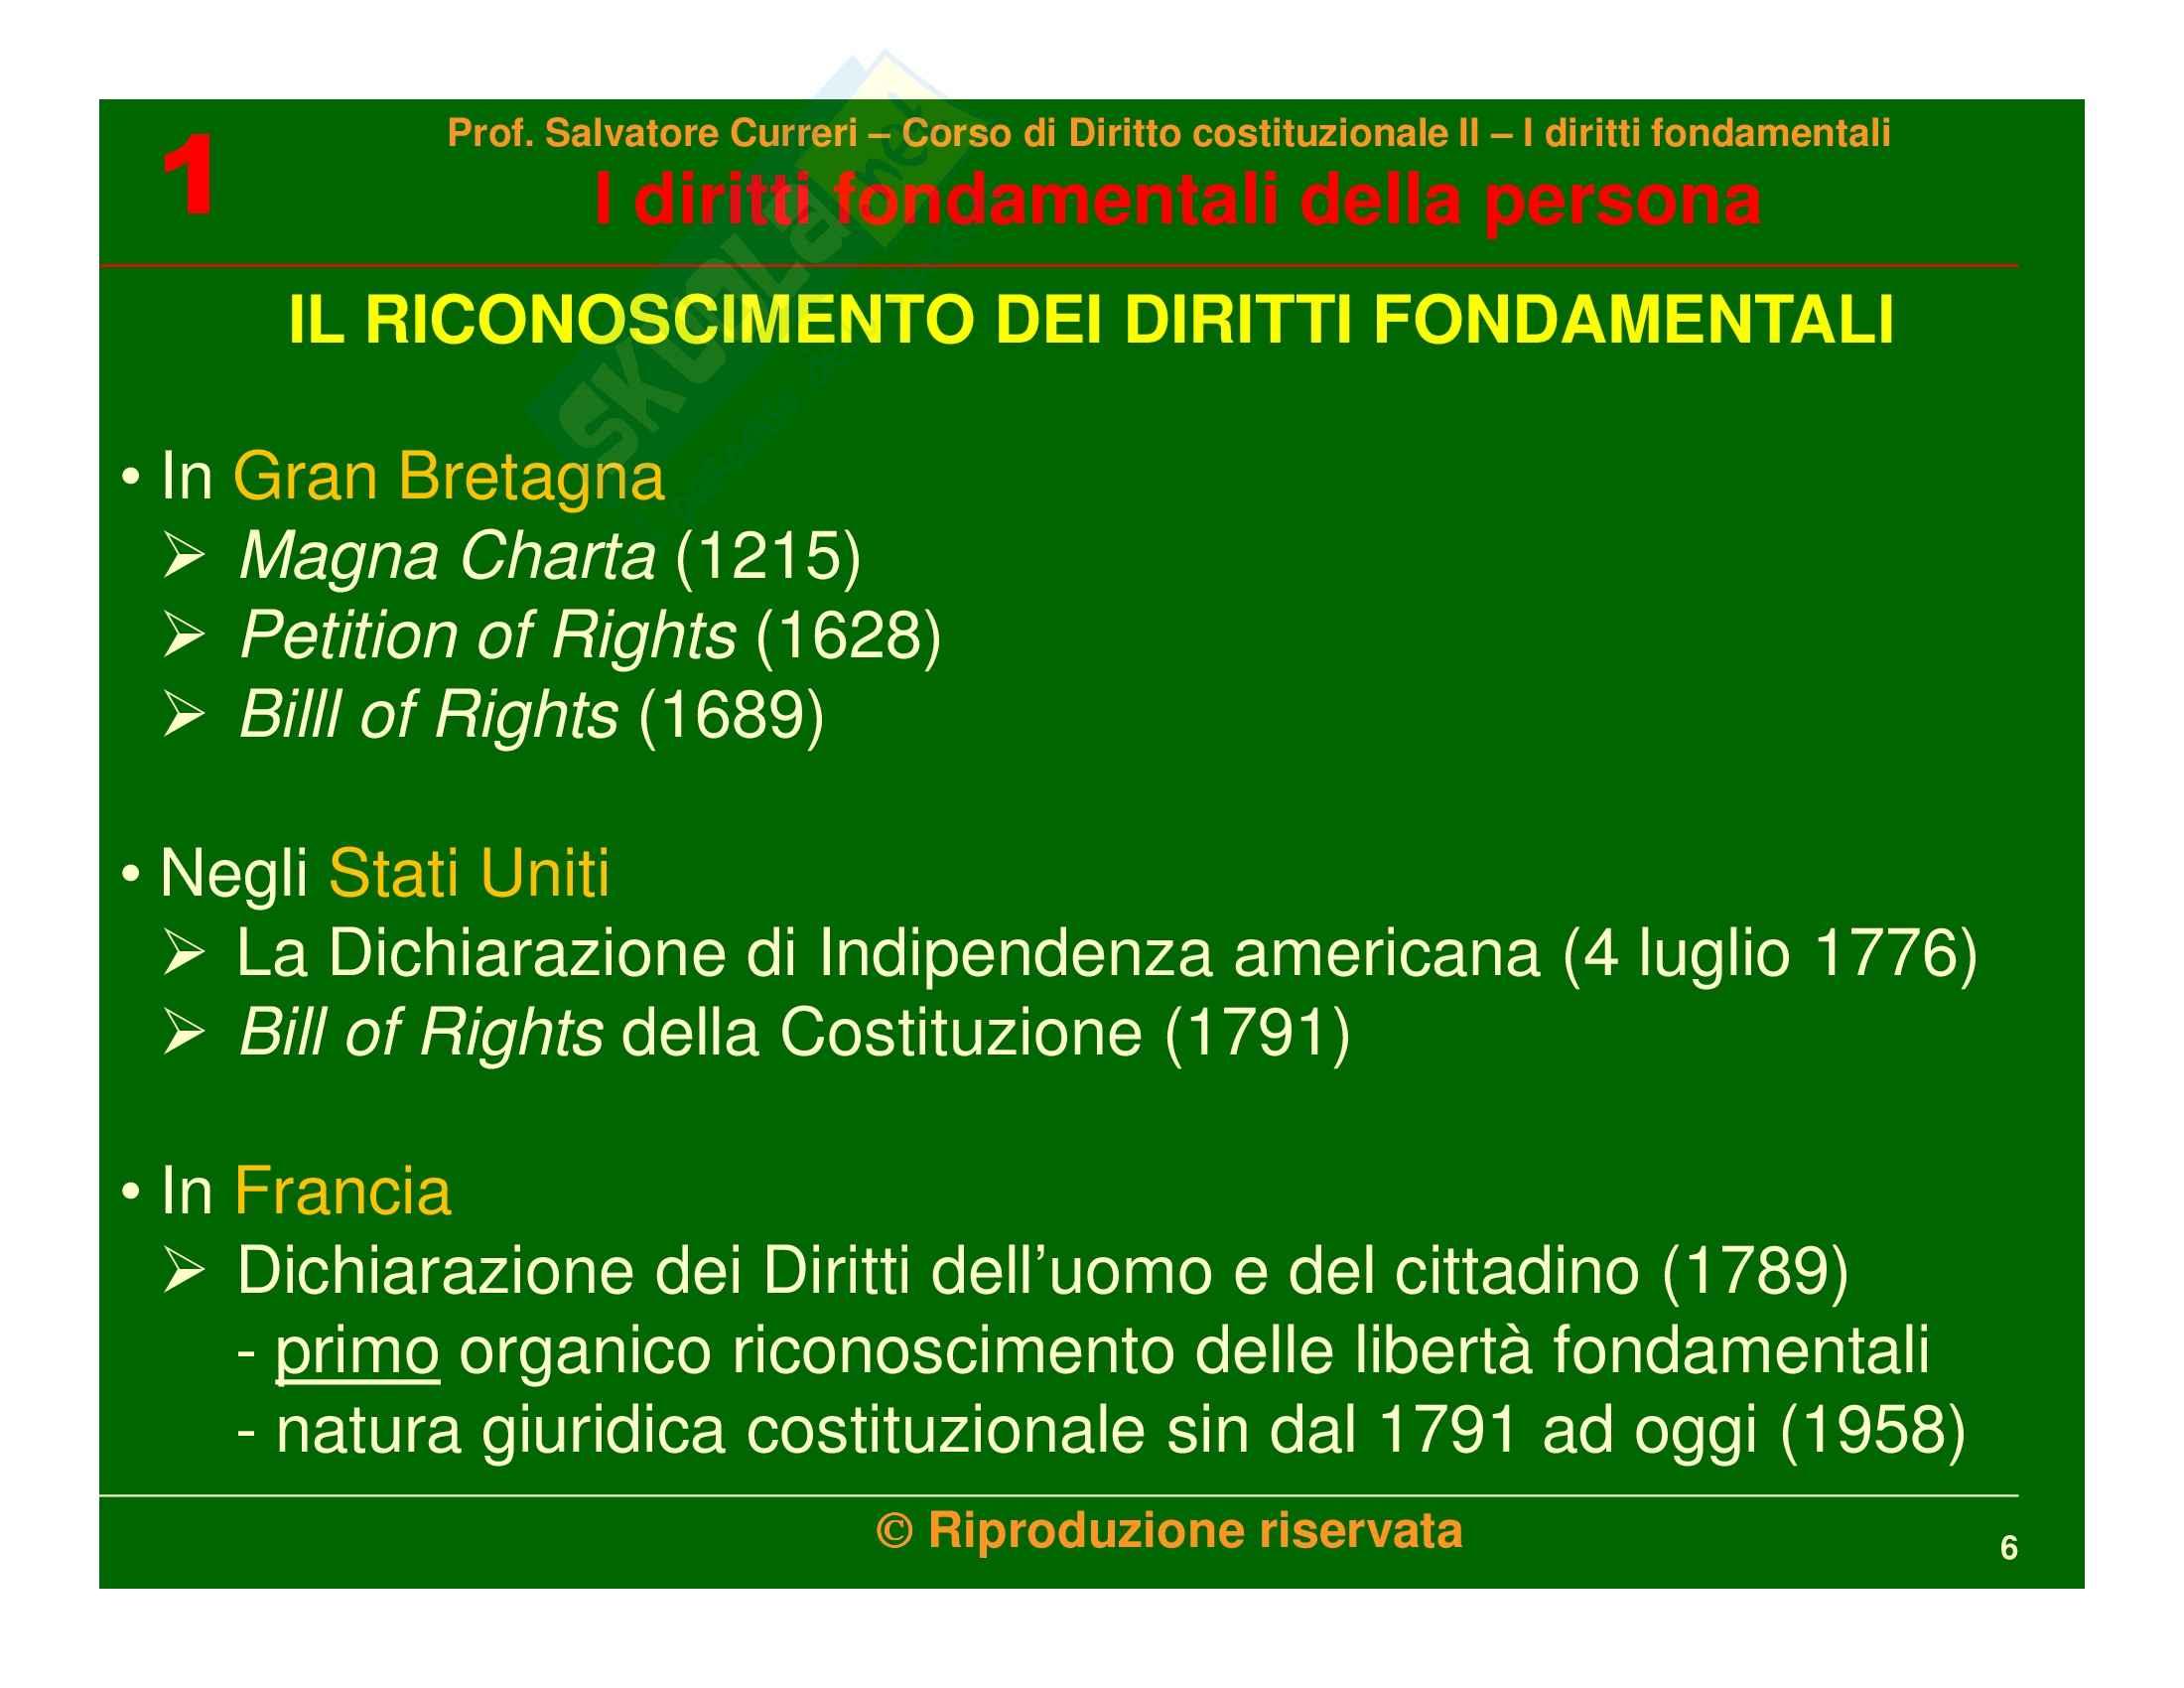 Diritto costituzionale - i diritti fondamentali della persona Pag. 6